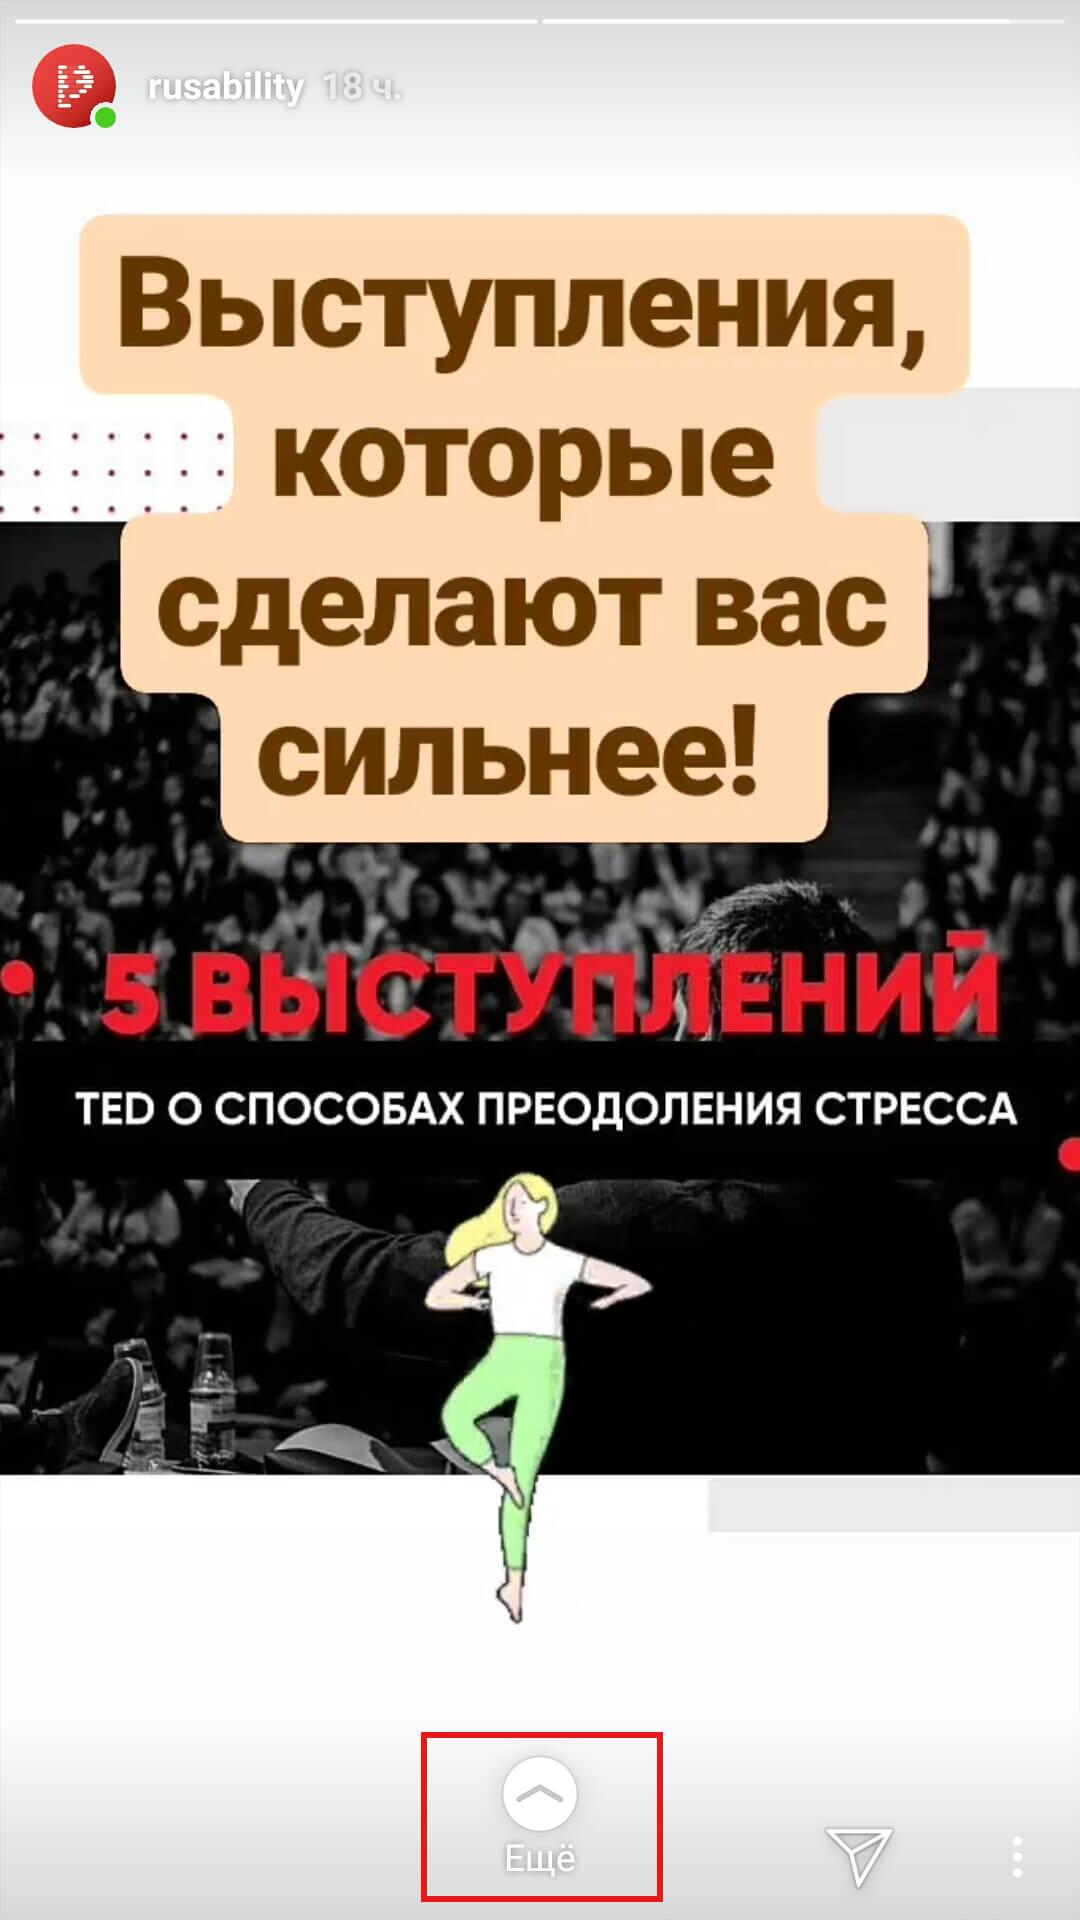 kak-dobavit-ssylku-v-instagram-9-sposobov-9